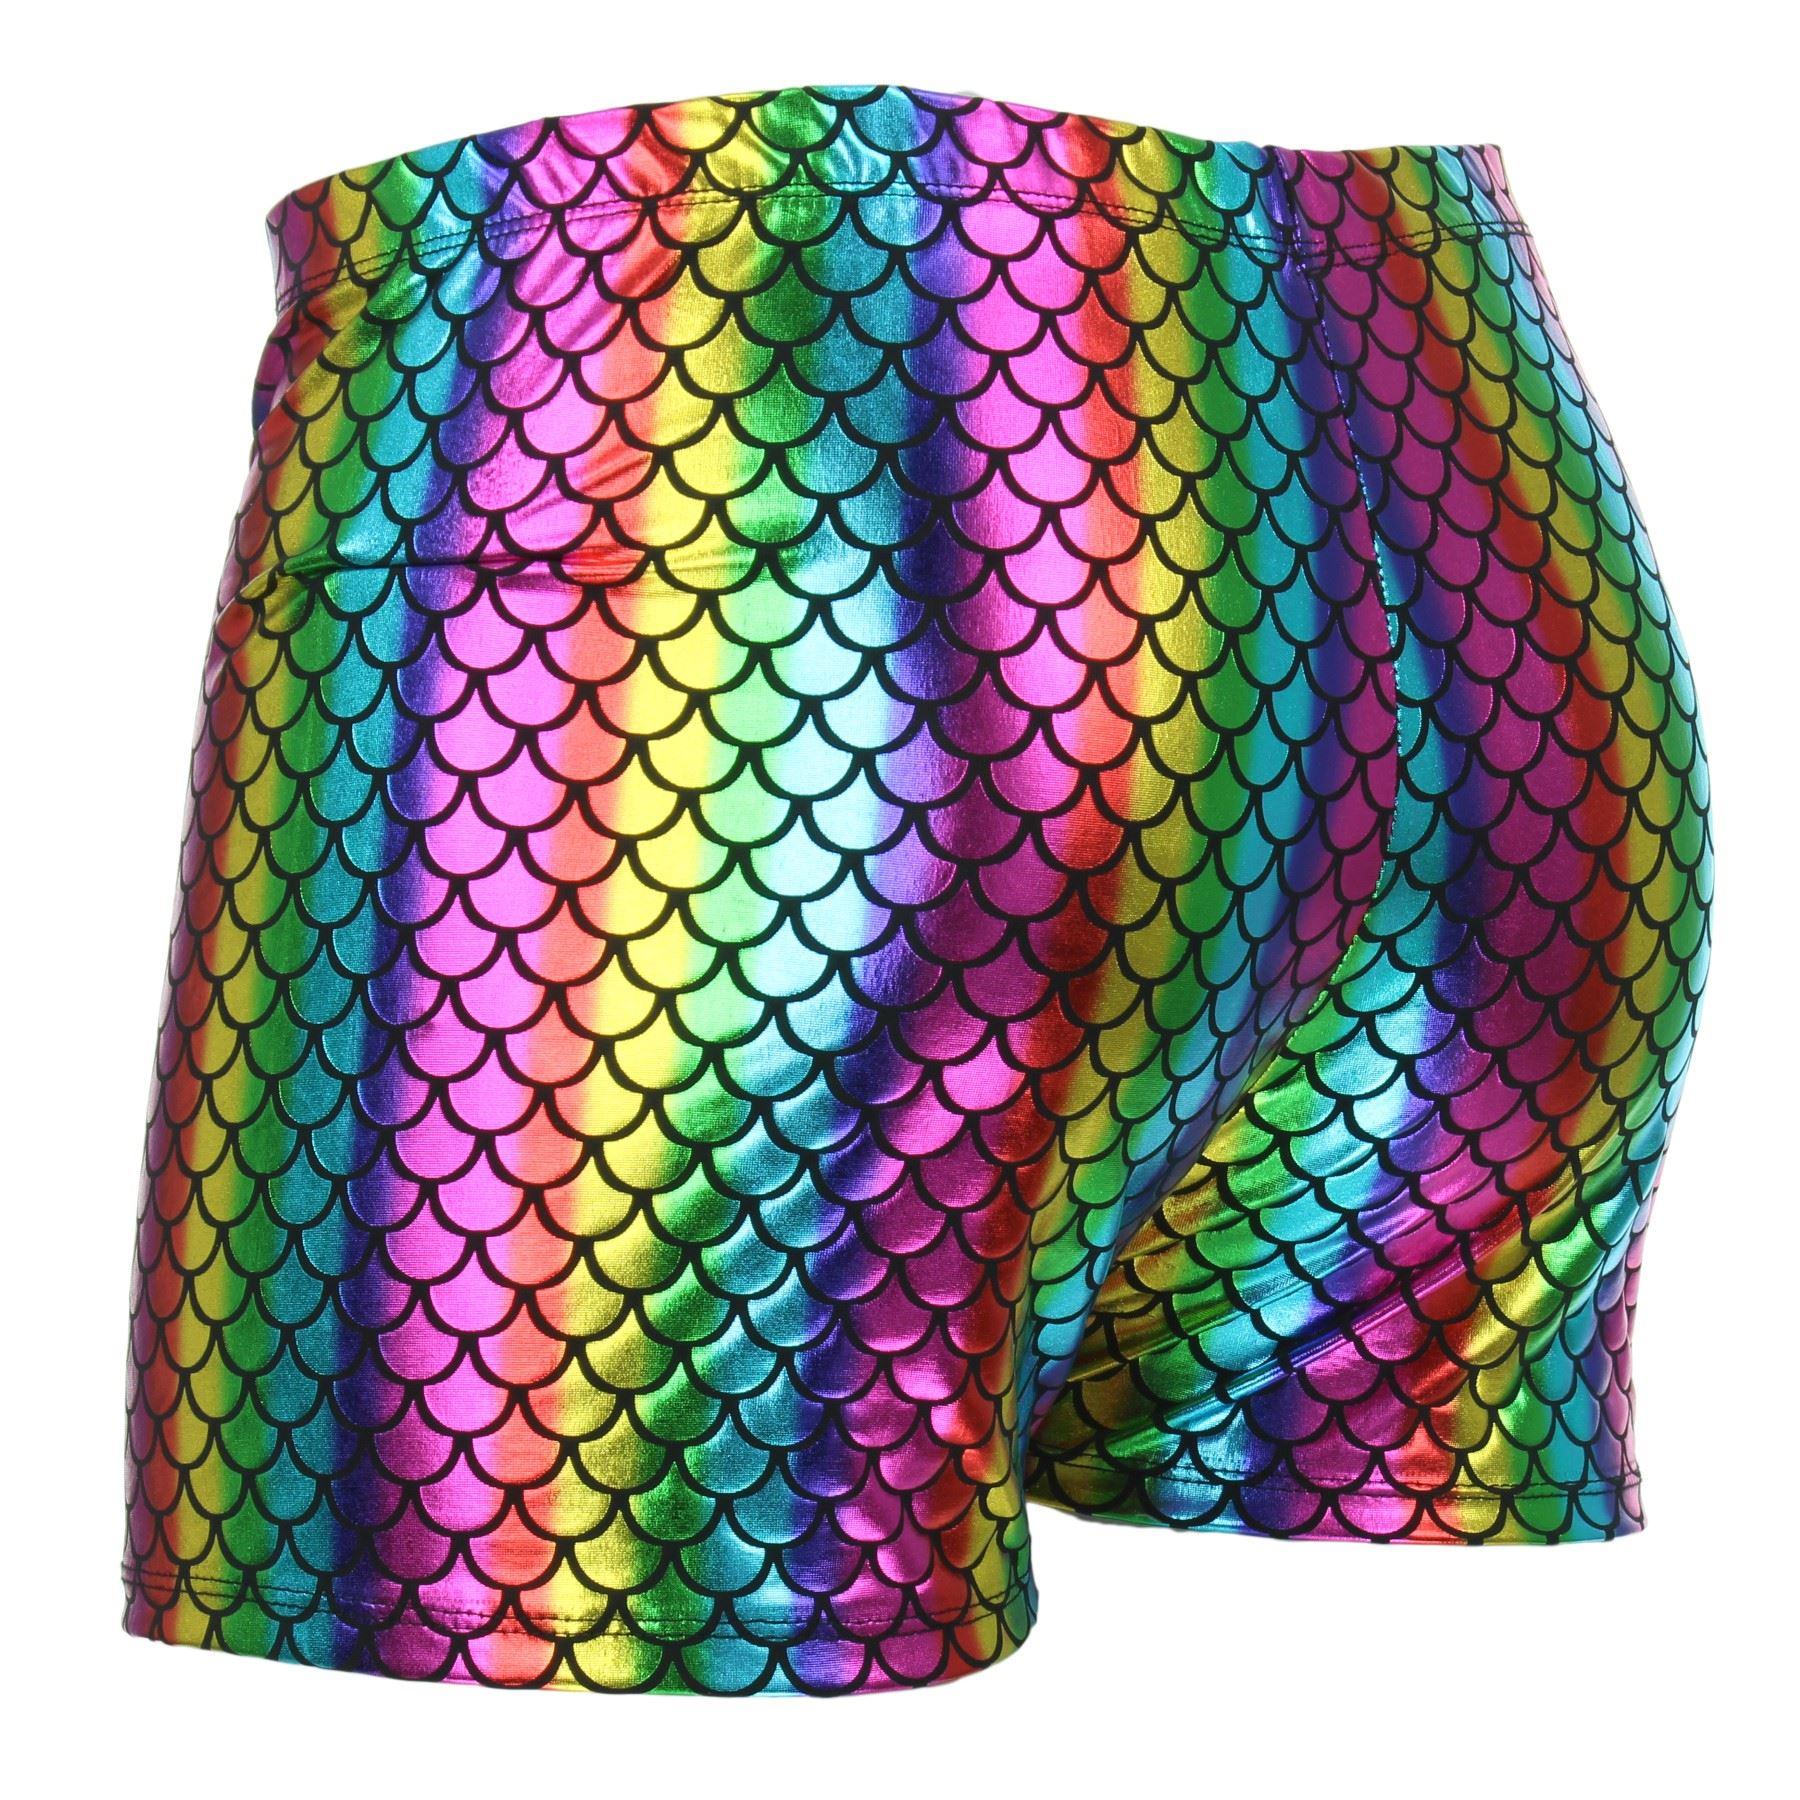 Pantaloncini da Uomo Hot Lucido Luccicante Oro Argento Sirena Squame Festa